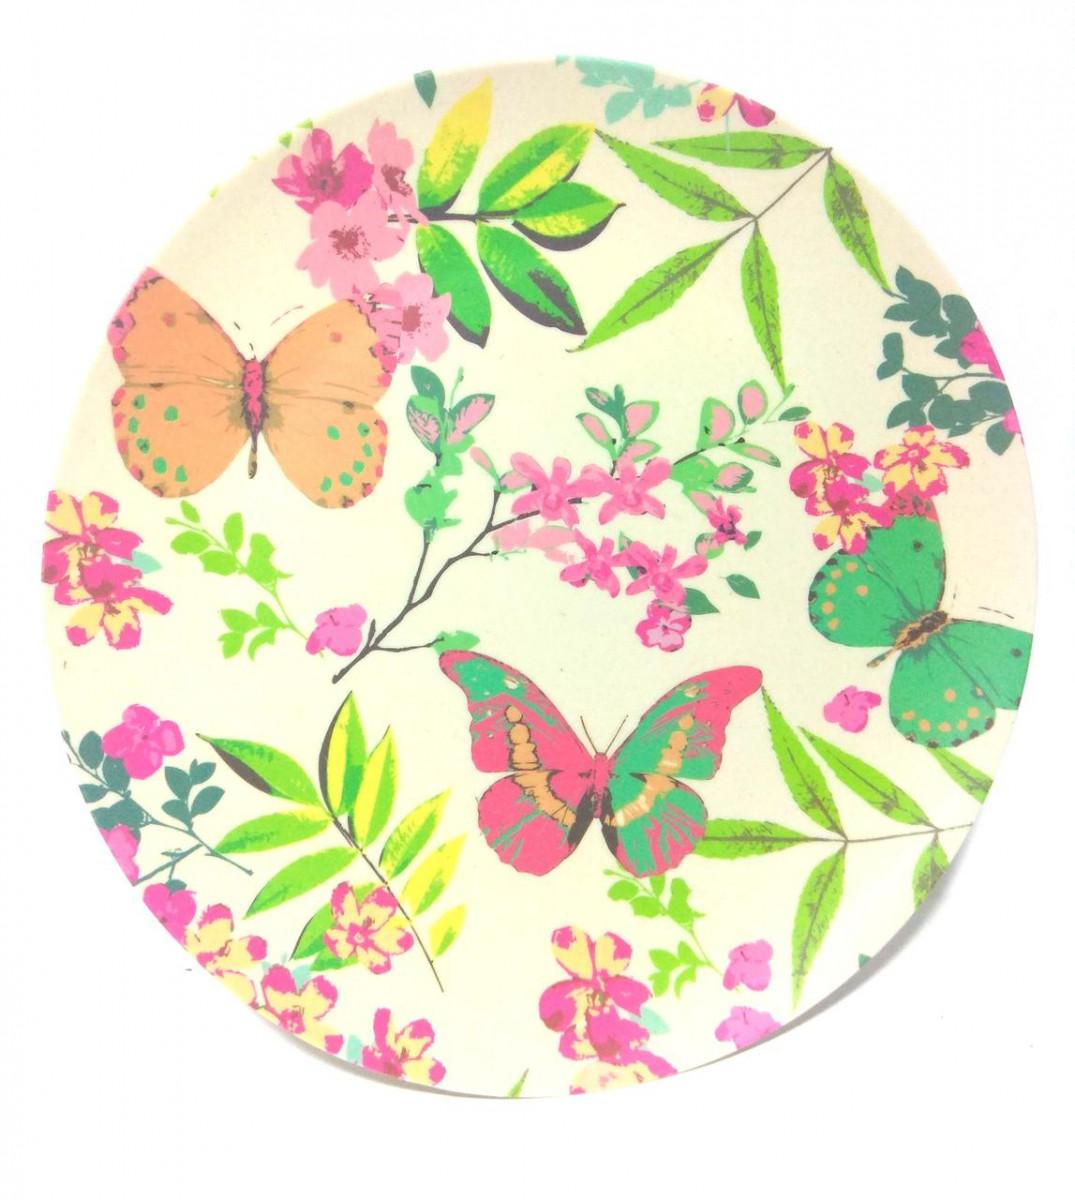 """Тарелка бамбуковая """"Бабочки"""" R21333, размер 25см, эко - тарелка, тарелка из бамбука"""